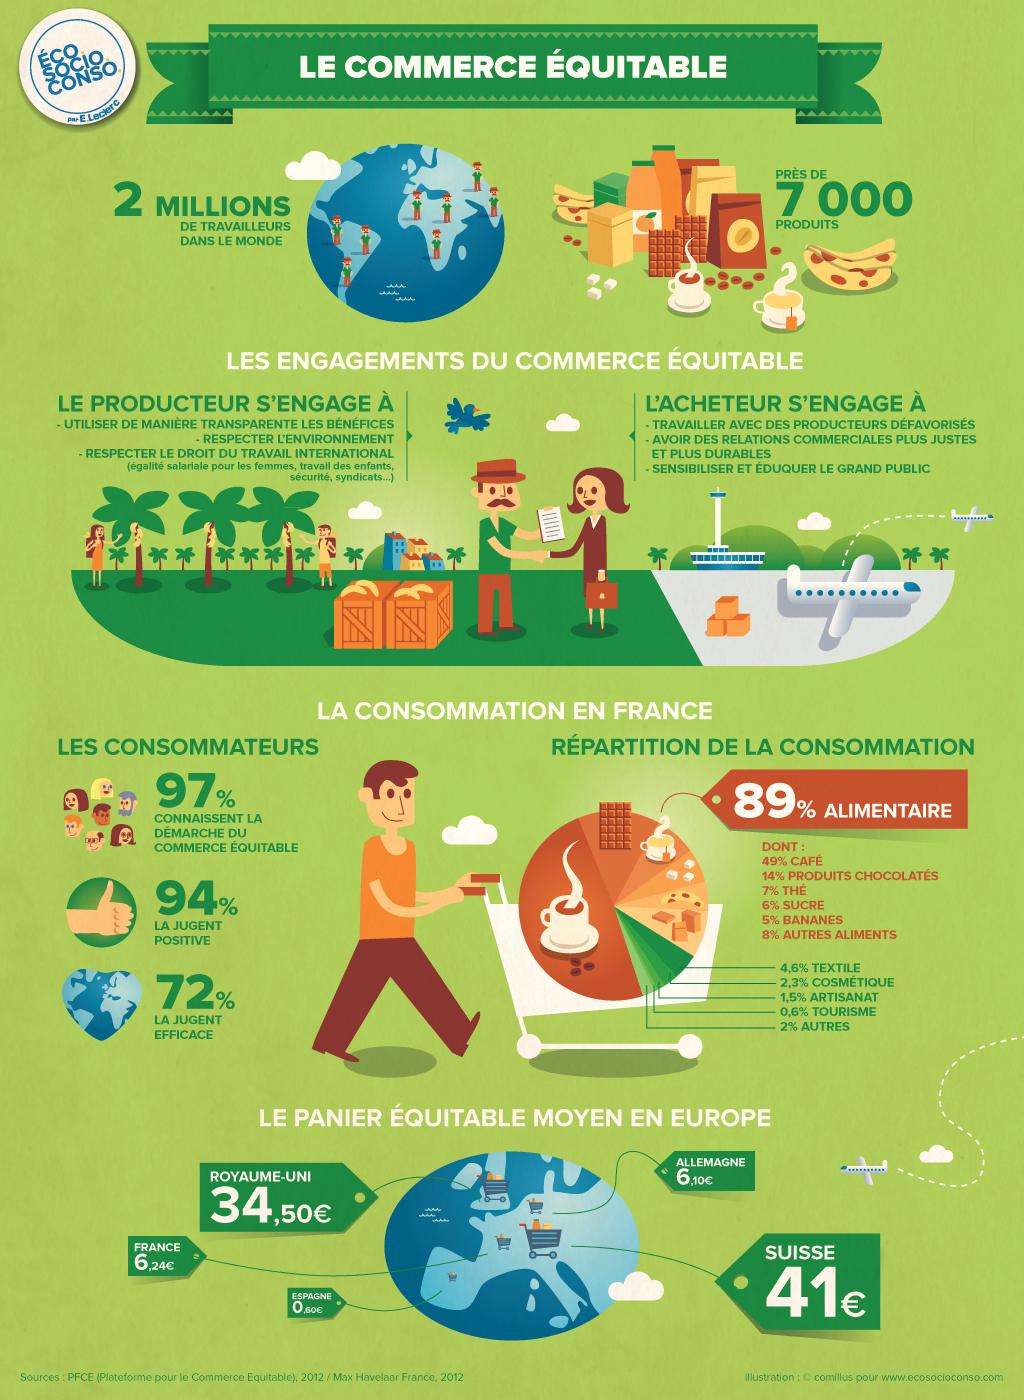 Le commerce équitable en France - Eco / Socio / Conso